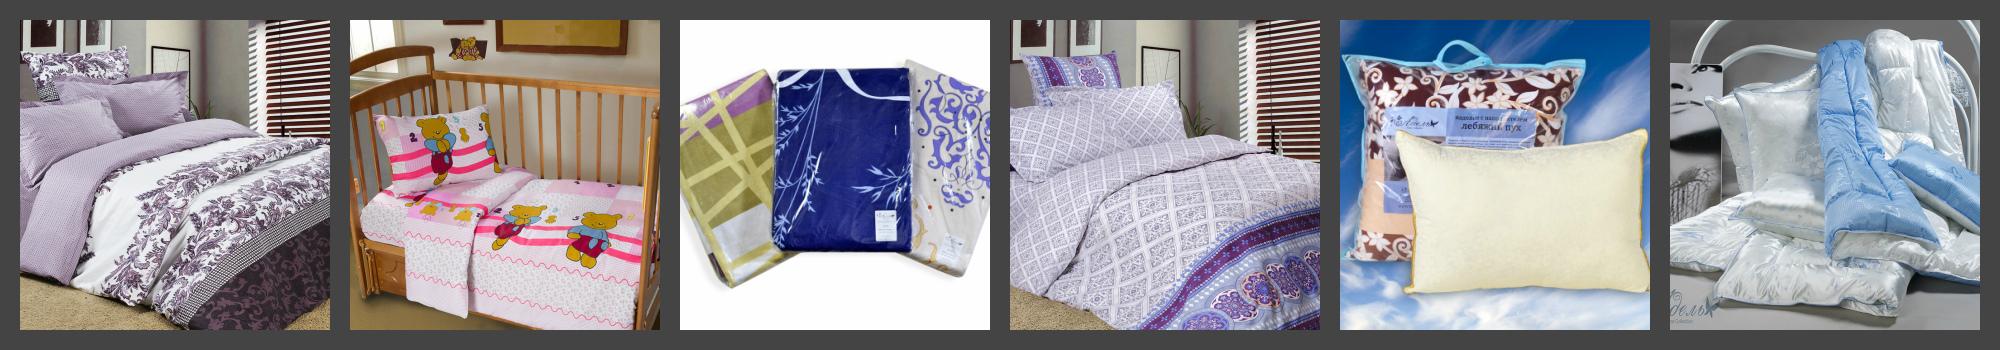 Огромный выбор постельного белья, подушек и одеял - ТМ Адель по отличным ценам. Женский, мужской и детский трикотаж. Расцветки - сказка. - 4